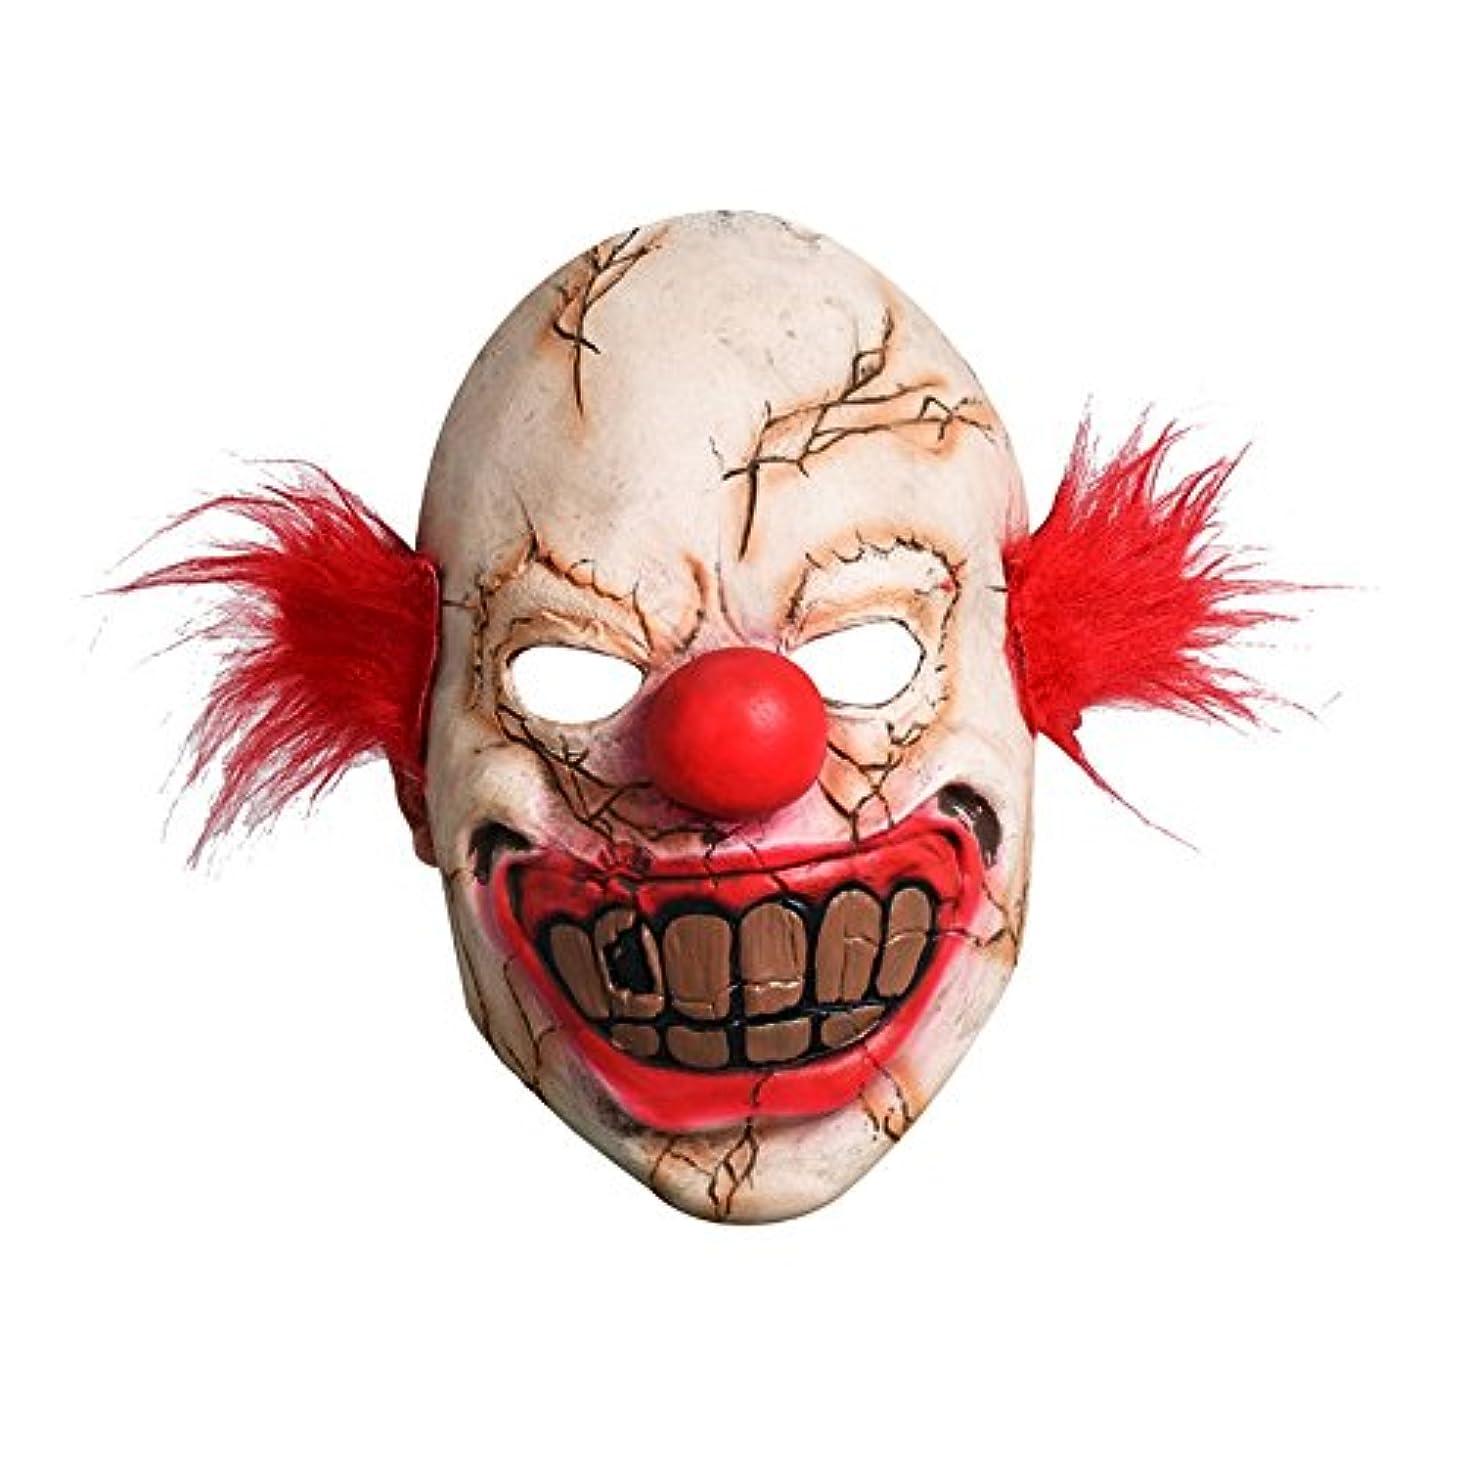 調和選択同化するハロウィーン用品バー怖い恐ろしい腐った道化師カーニバル全体の人々面白い悪魔腐った顔ピエロマスク